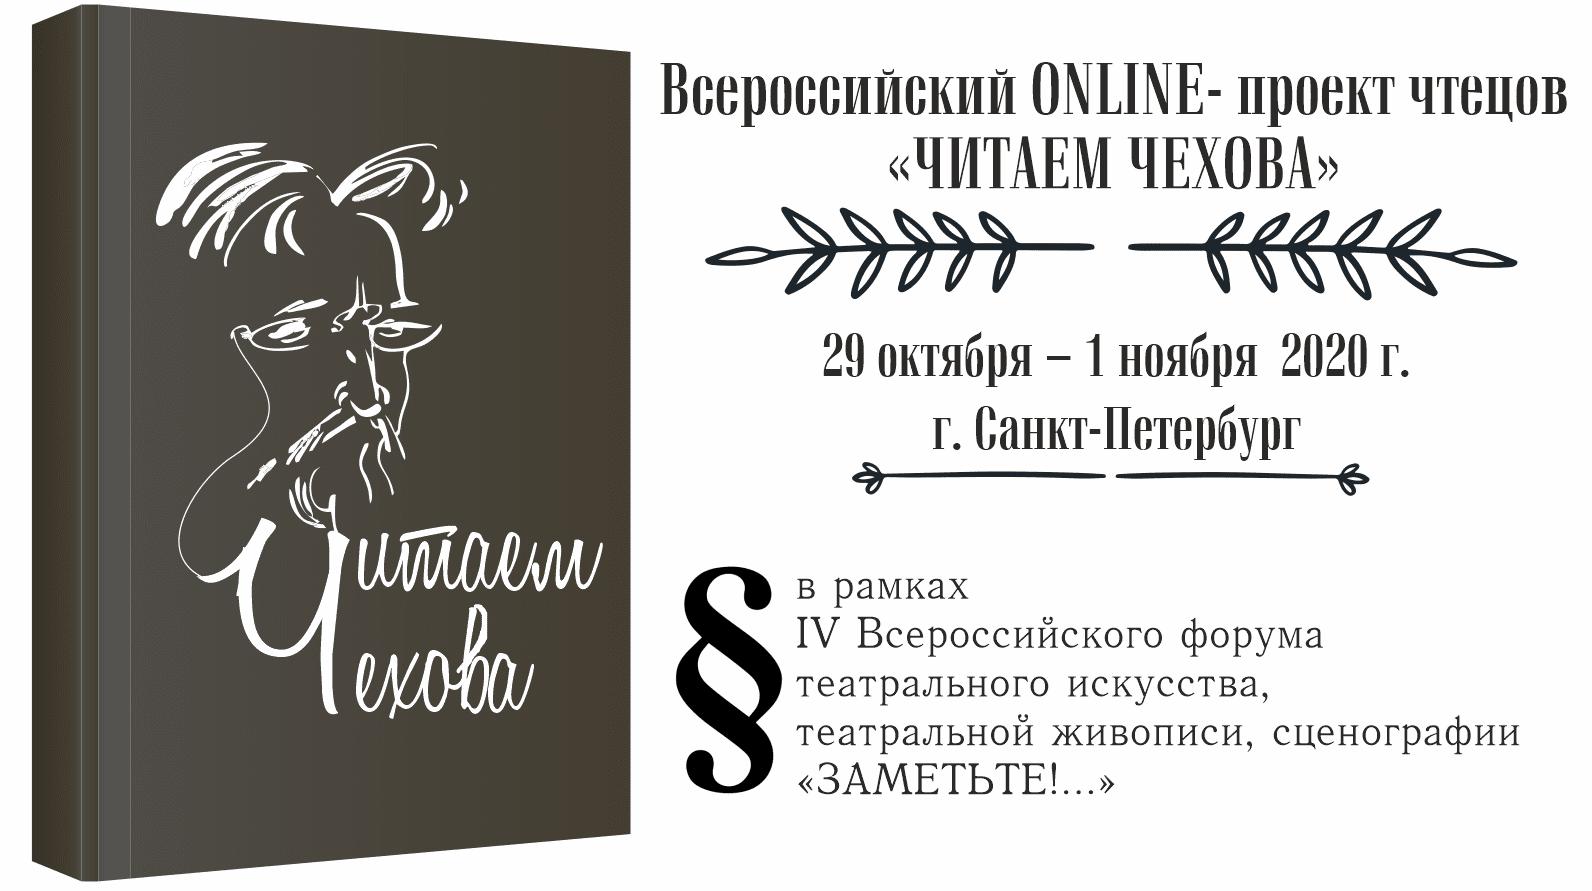 Читаем Чехова баннер